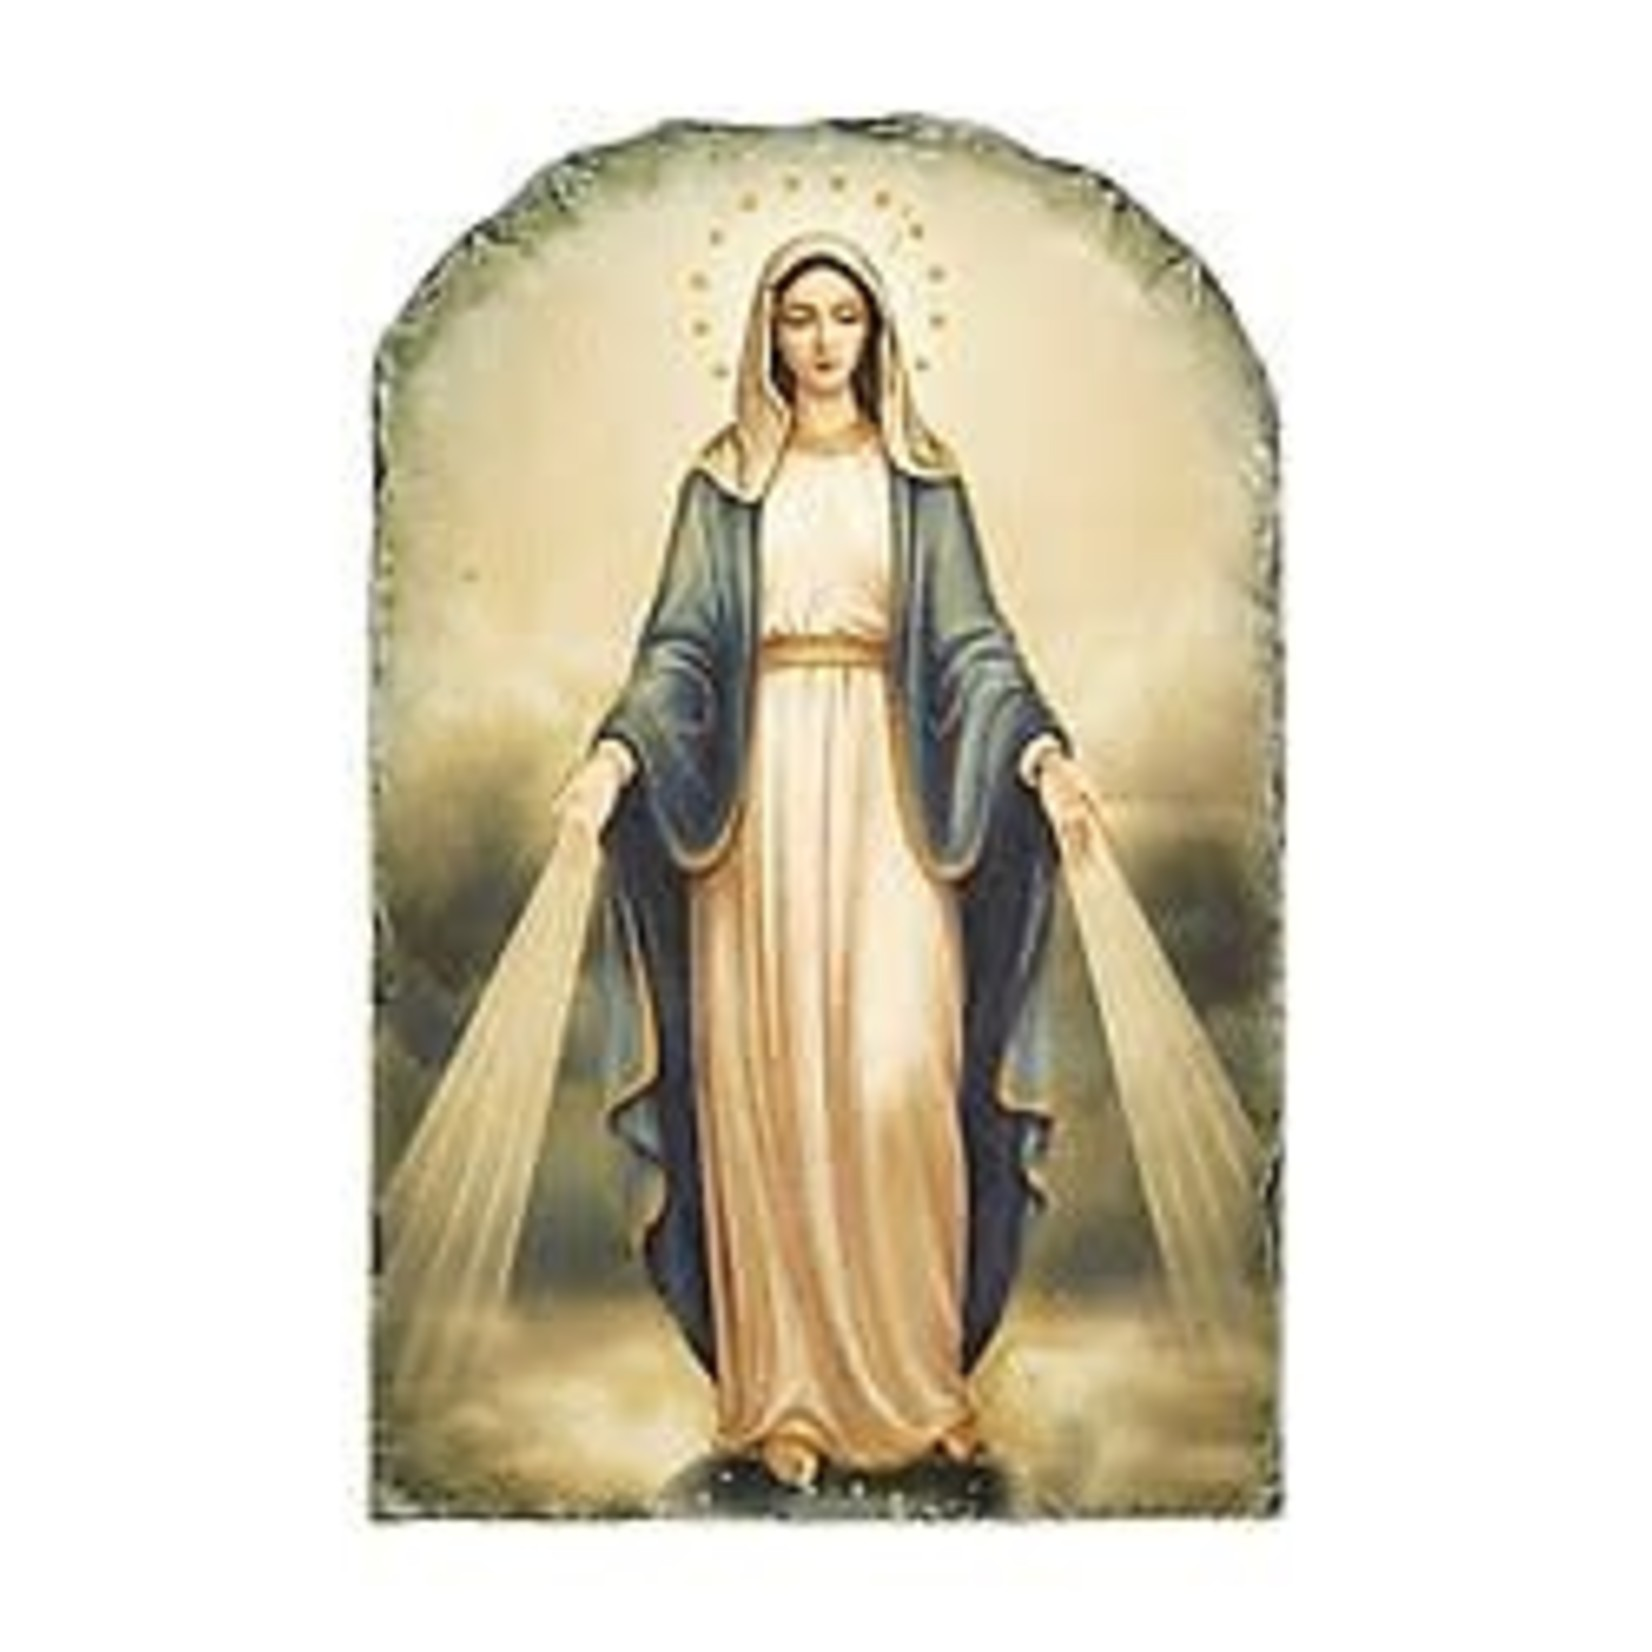 Our Lady of Grace Tile Plaque